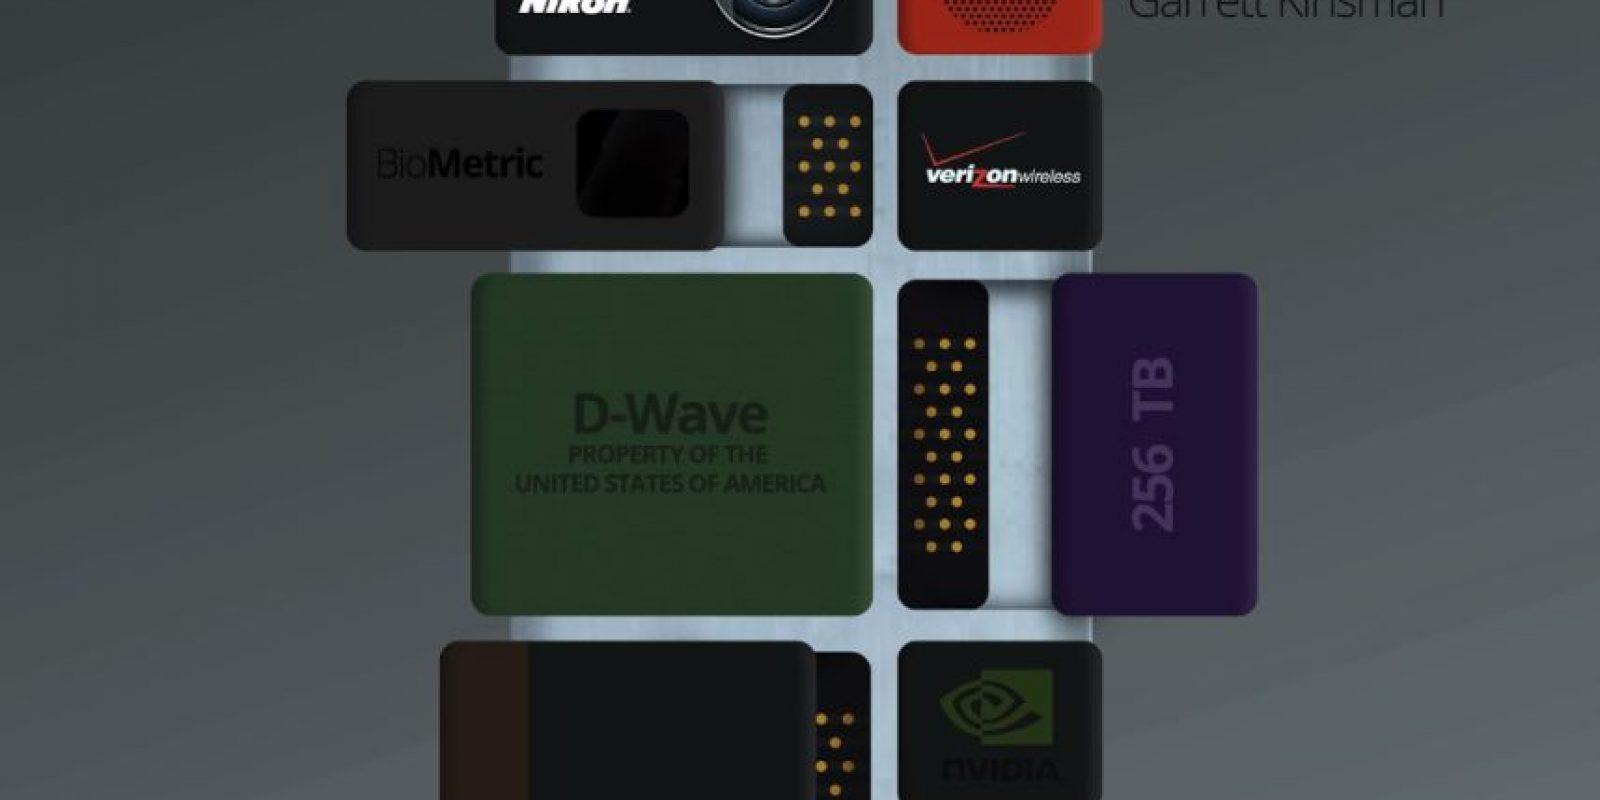 Existen muchos diseñadores y profesionales que tienen sus propias perspectivas de los teléfonos Ara. Se cree que pueden llegar al mercado en 2016 Foto:Garrett Kinsman